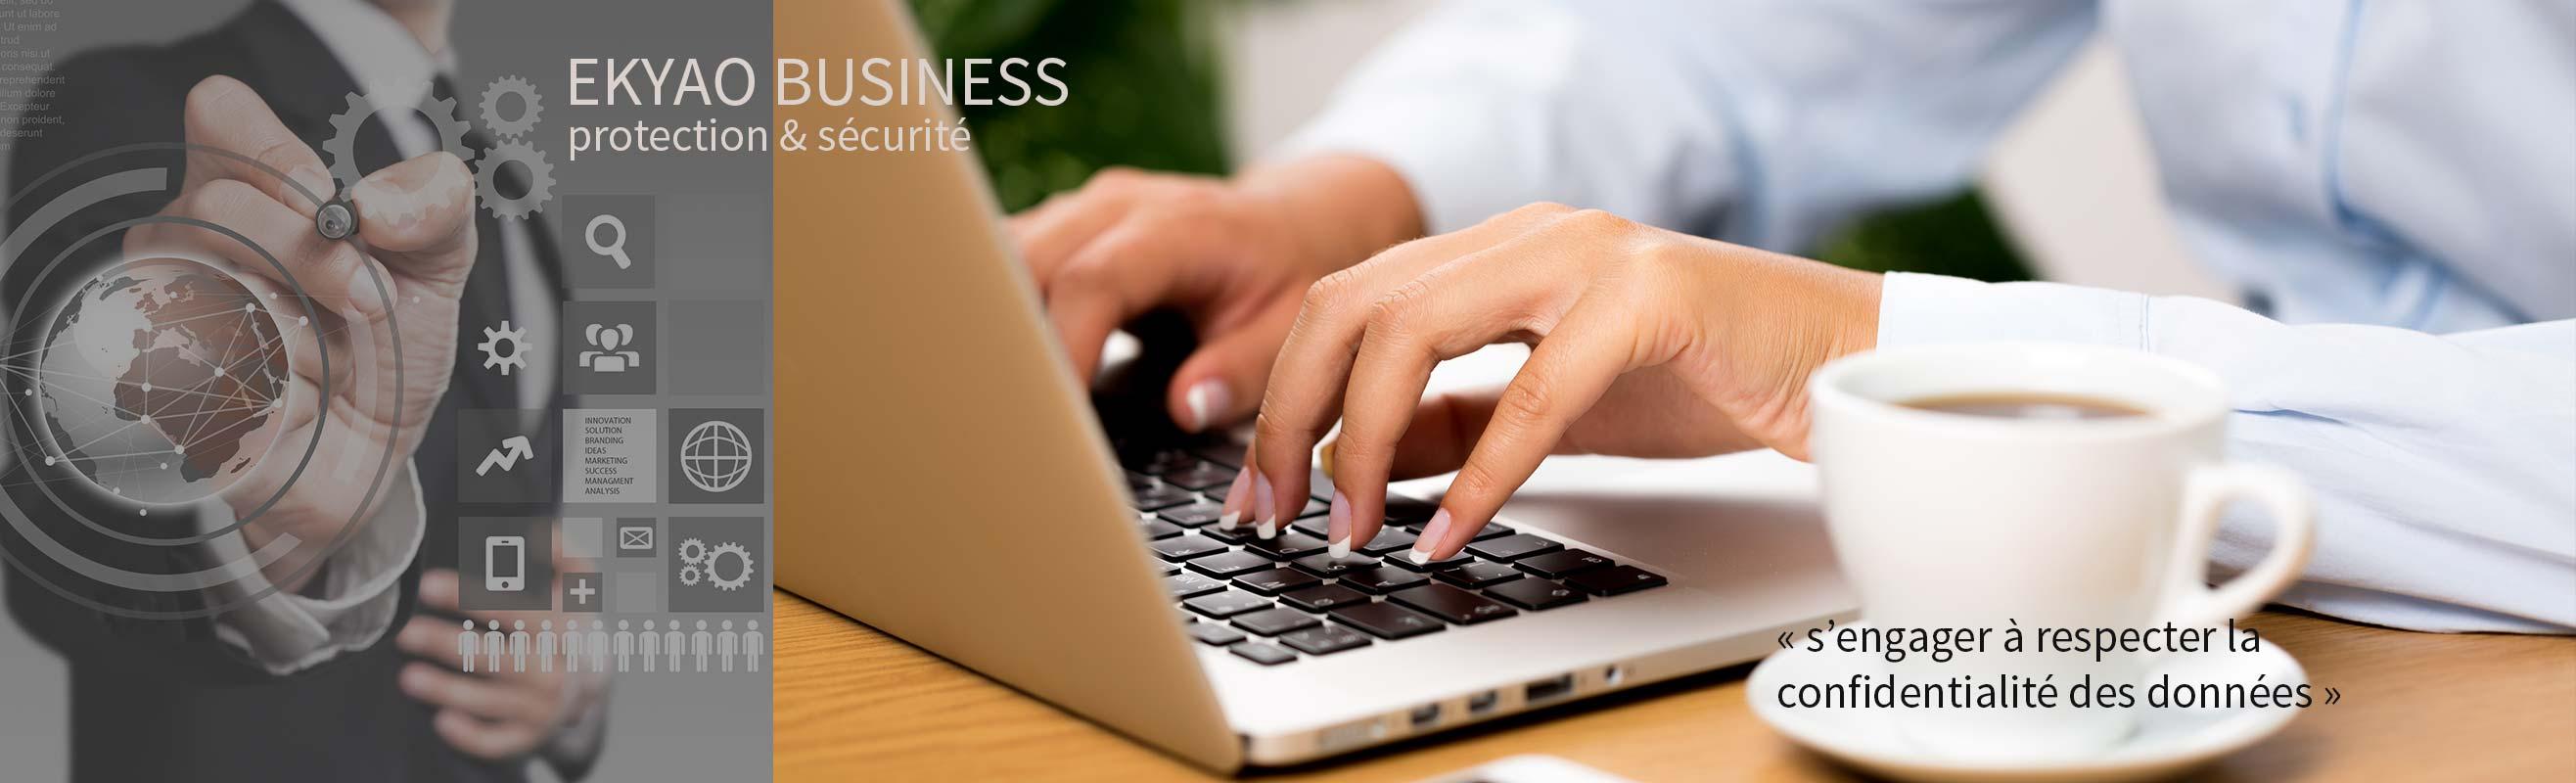 Ekyao Business - Politique de confidentialité. Protection et sécurité